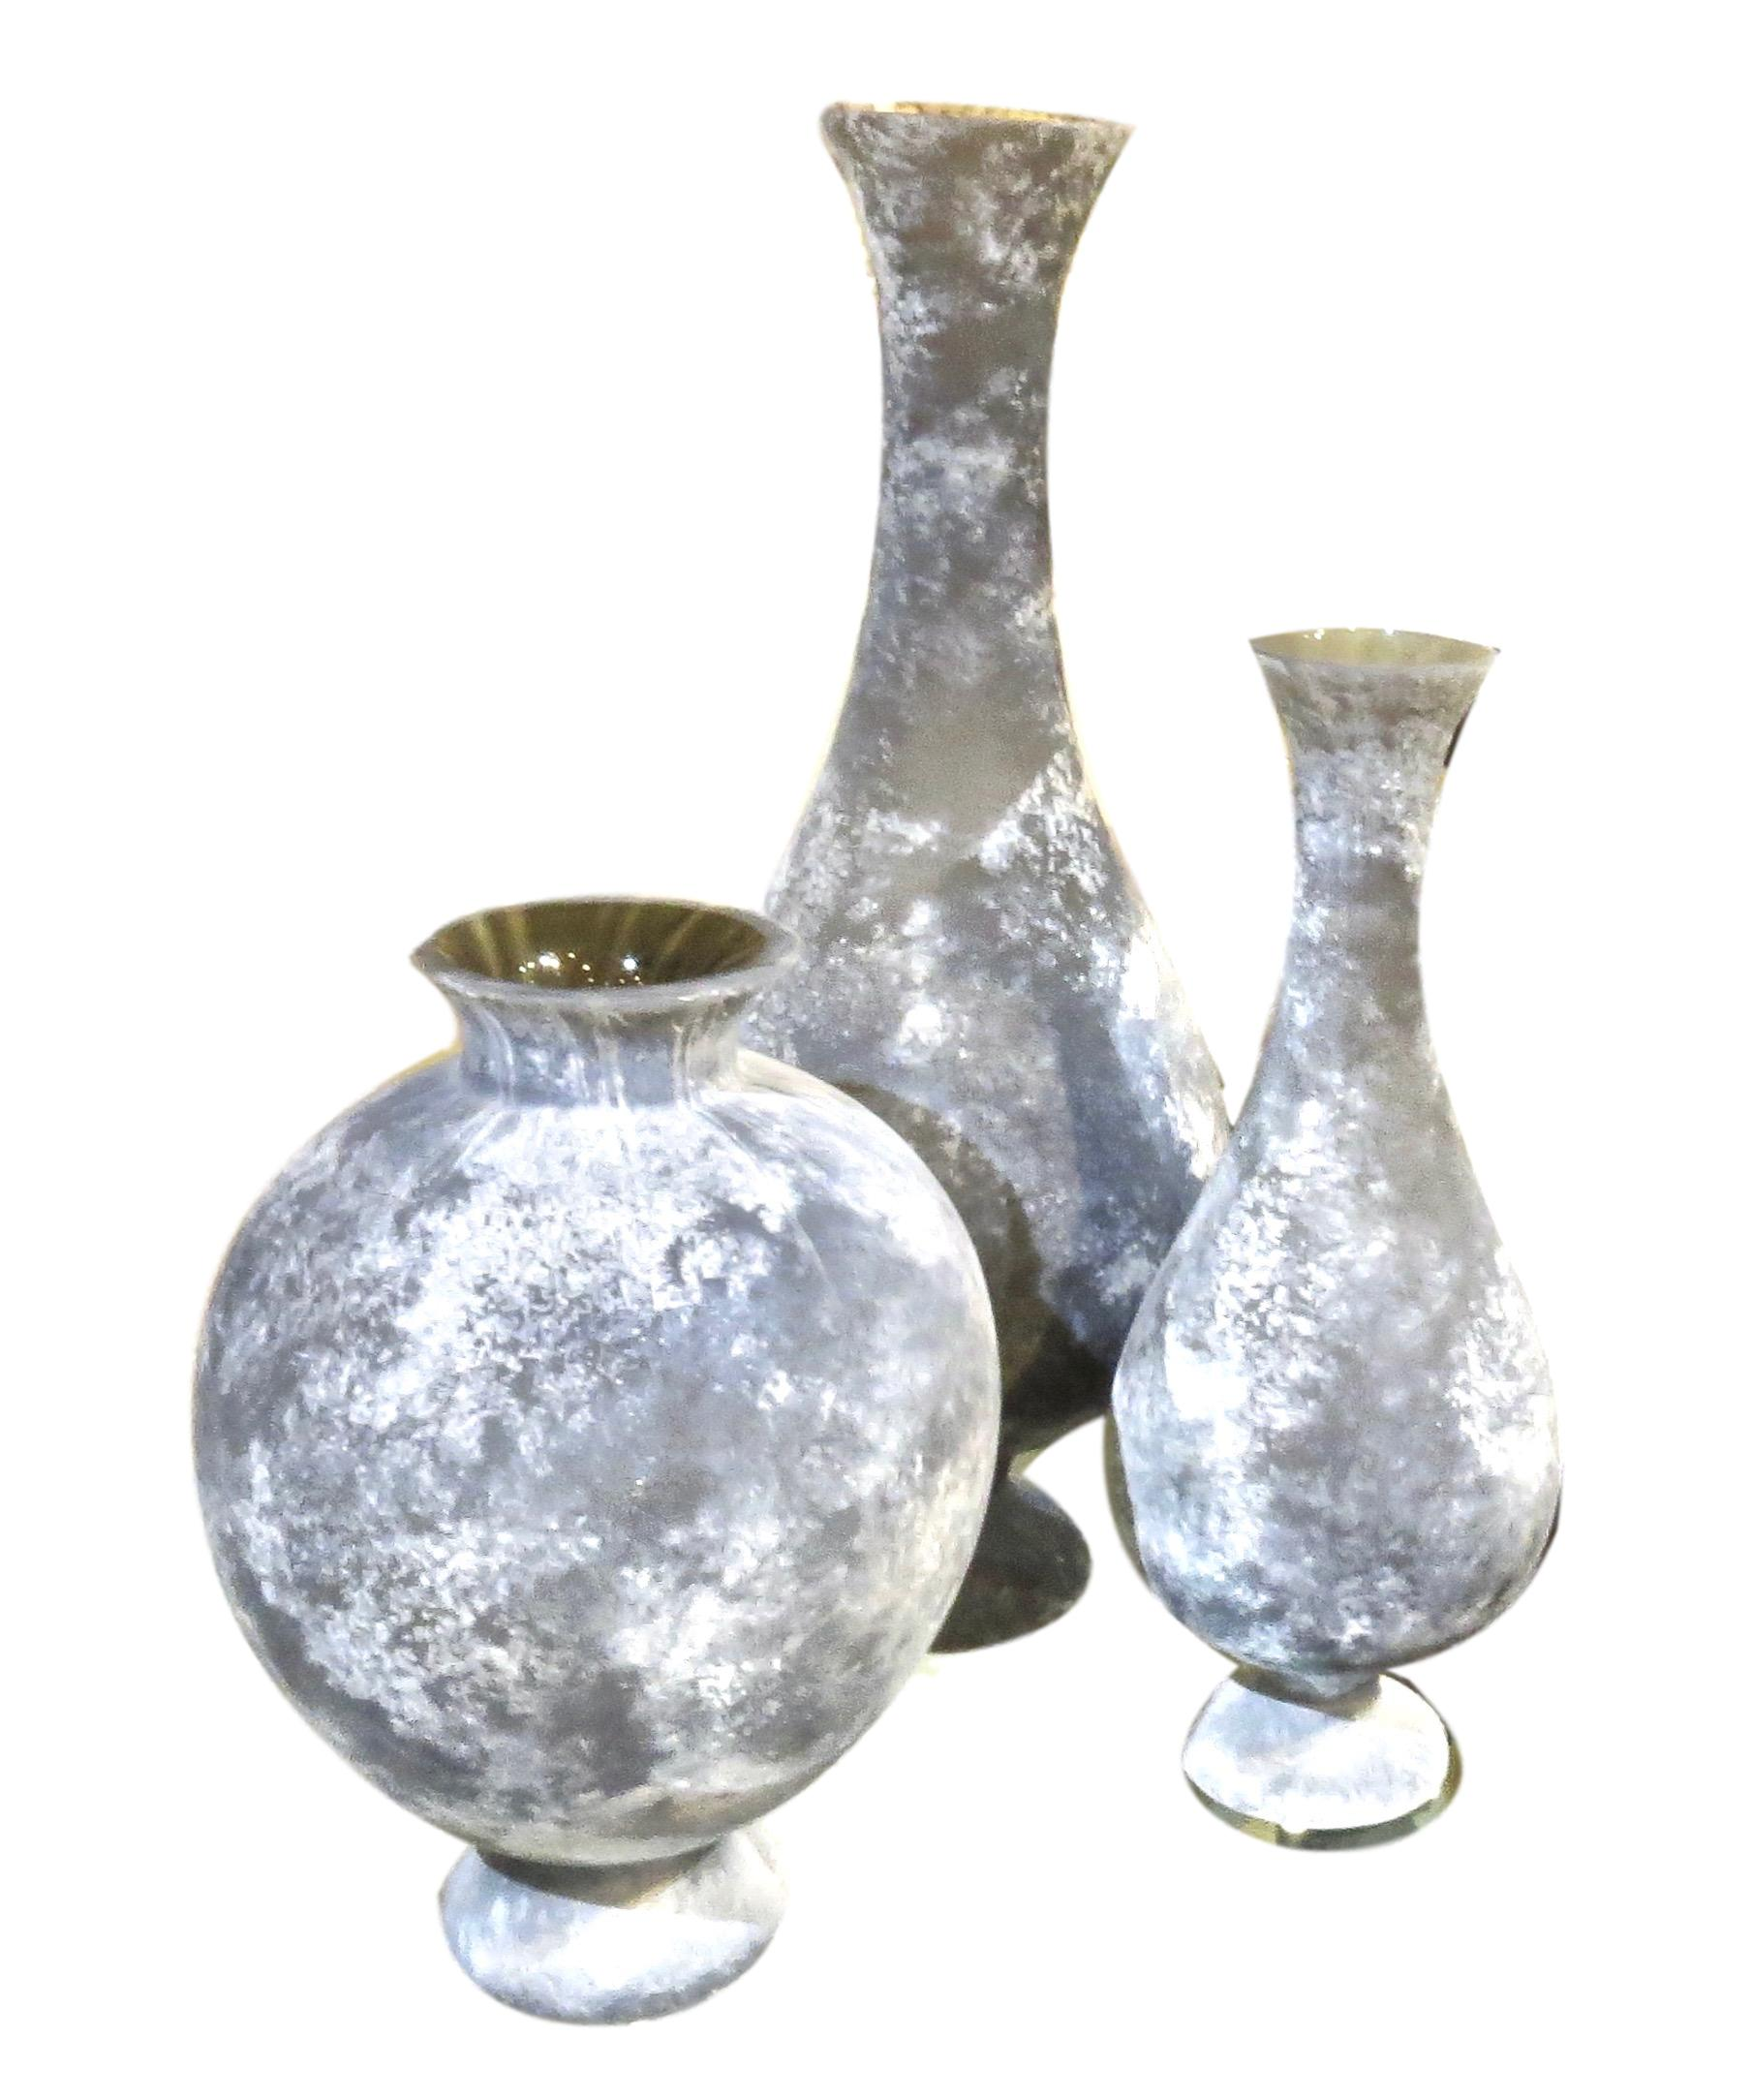 """Gray Scavo Glass Vases  10.75""""DIA. X 14.75""""H GVRT7.30018  10.5""""DIA. X 25.5""""H GVRT7.30016  7.5""""DIA. X 18.5""""H GVRT7.30017"""